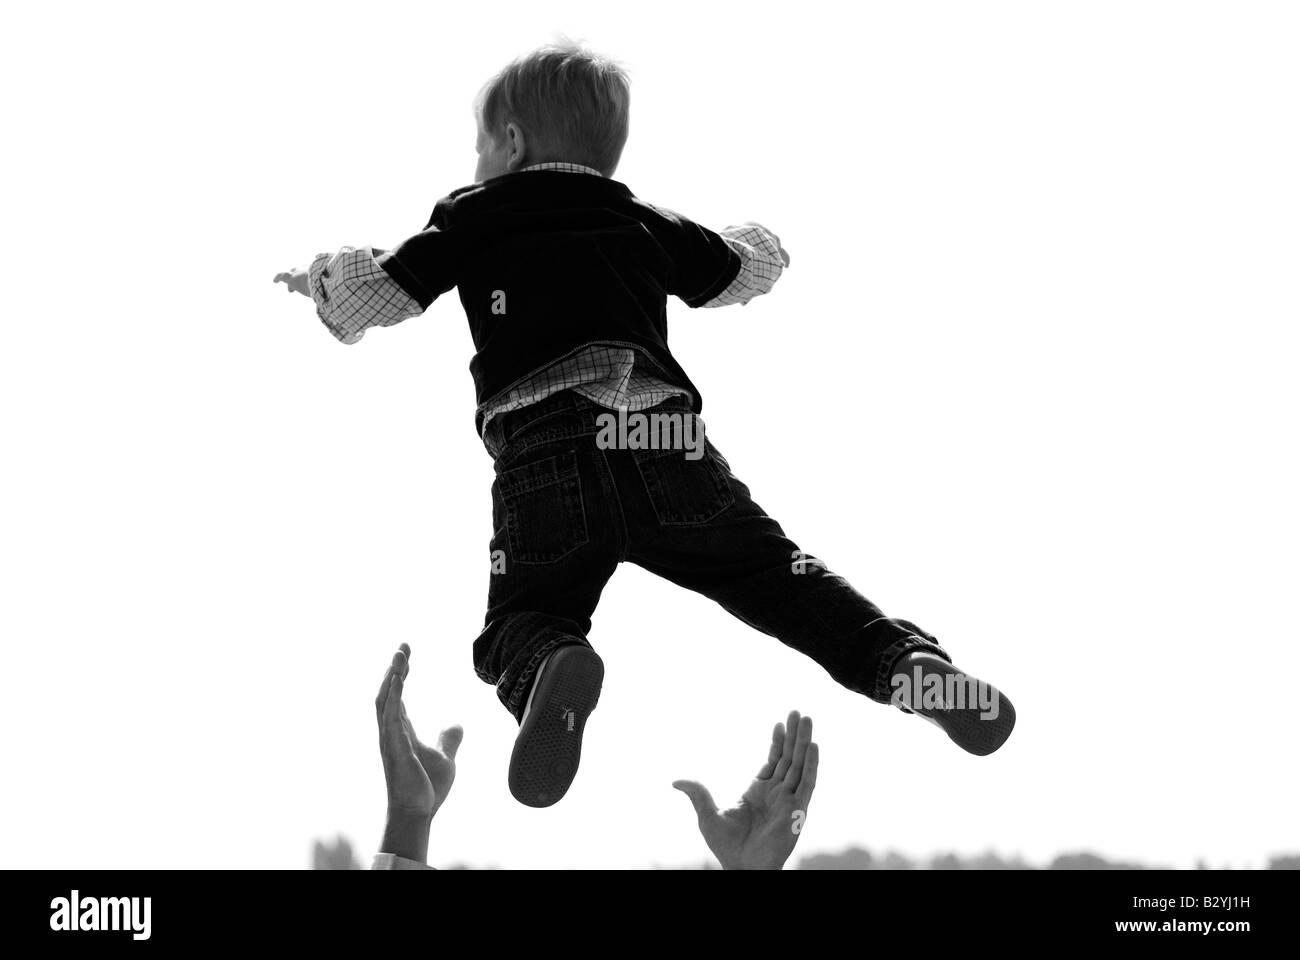 Des Vaters Hände seines Sohnes zu fangen. Stockbild